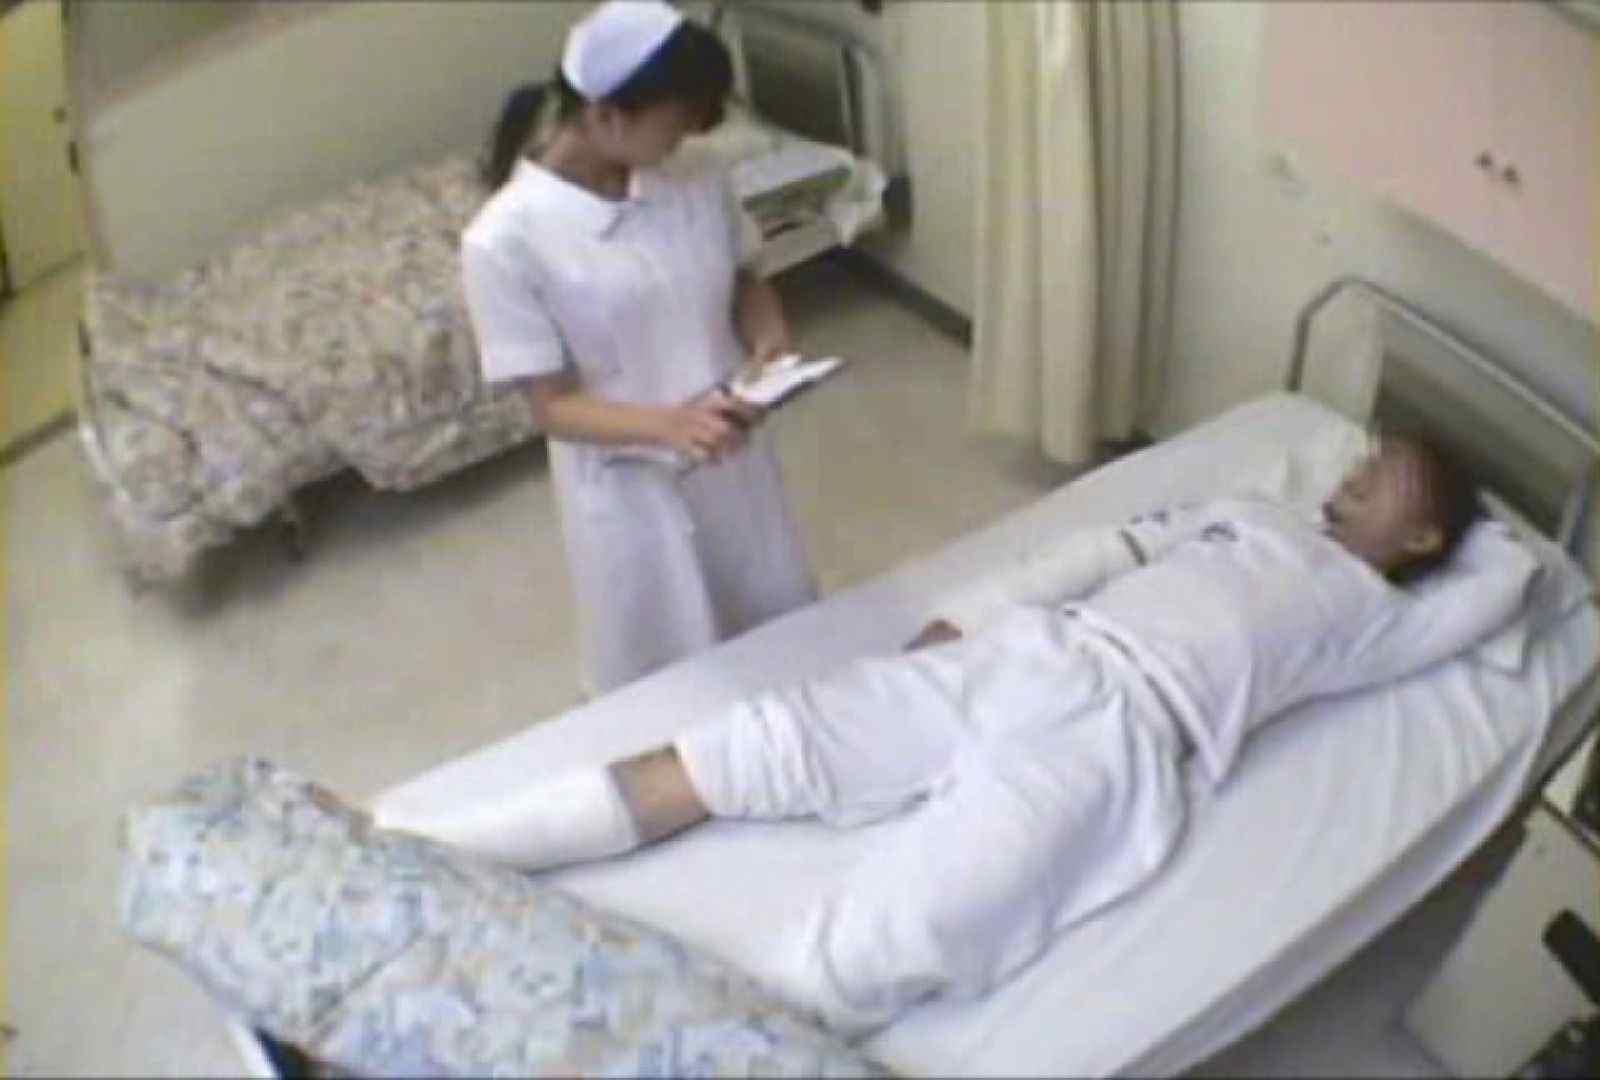 絶対に逝ってはいけない寸止め病棟Vol.5 美しいOLの裸体  81pic 42